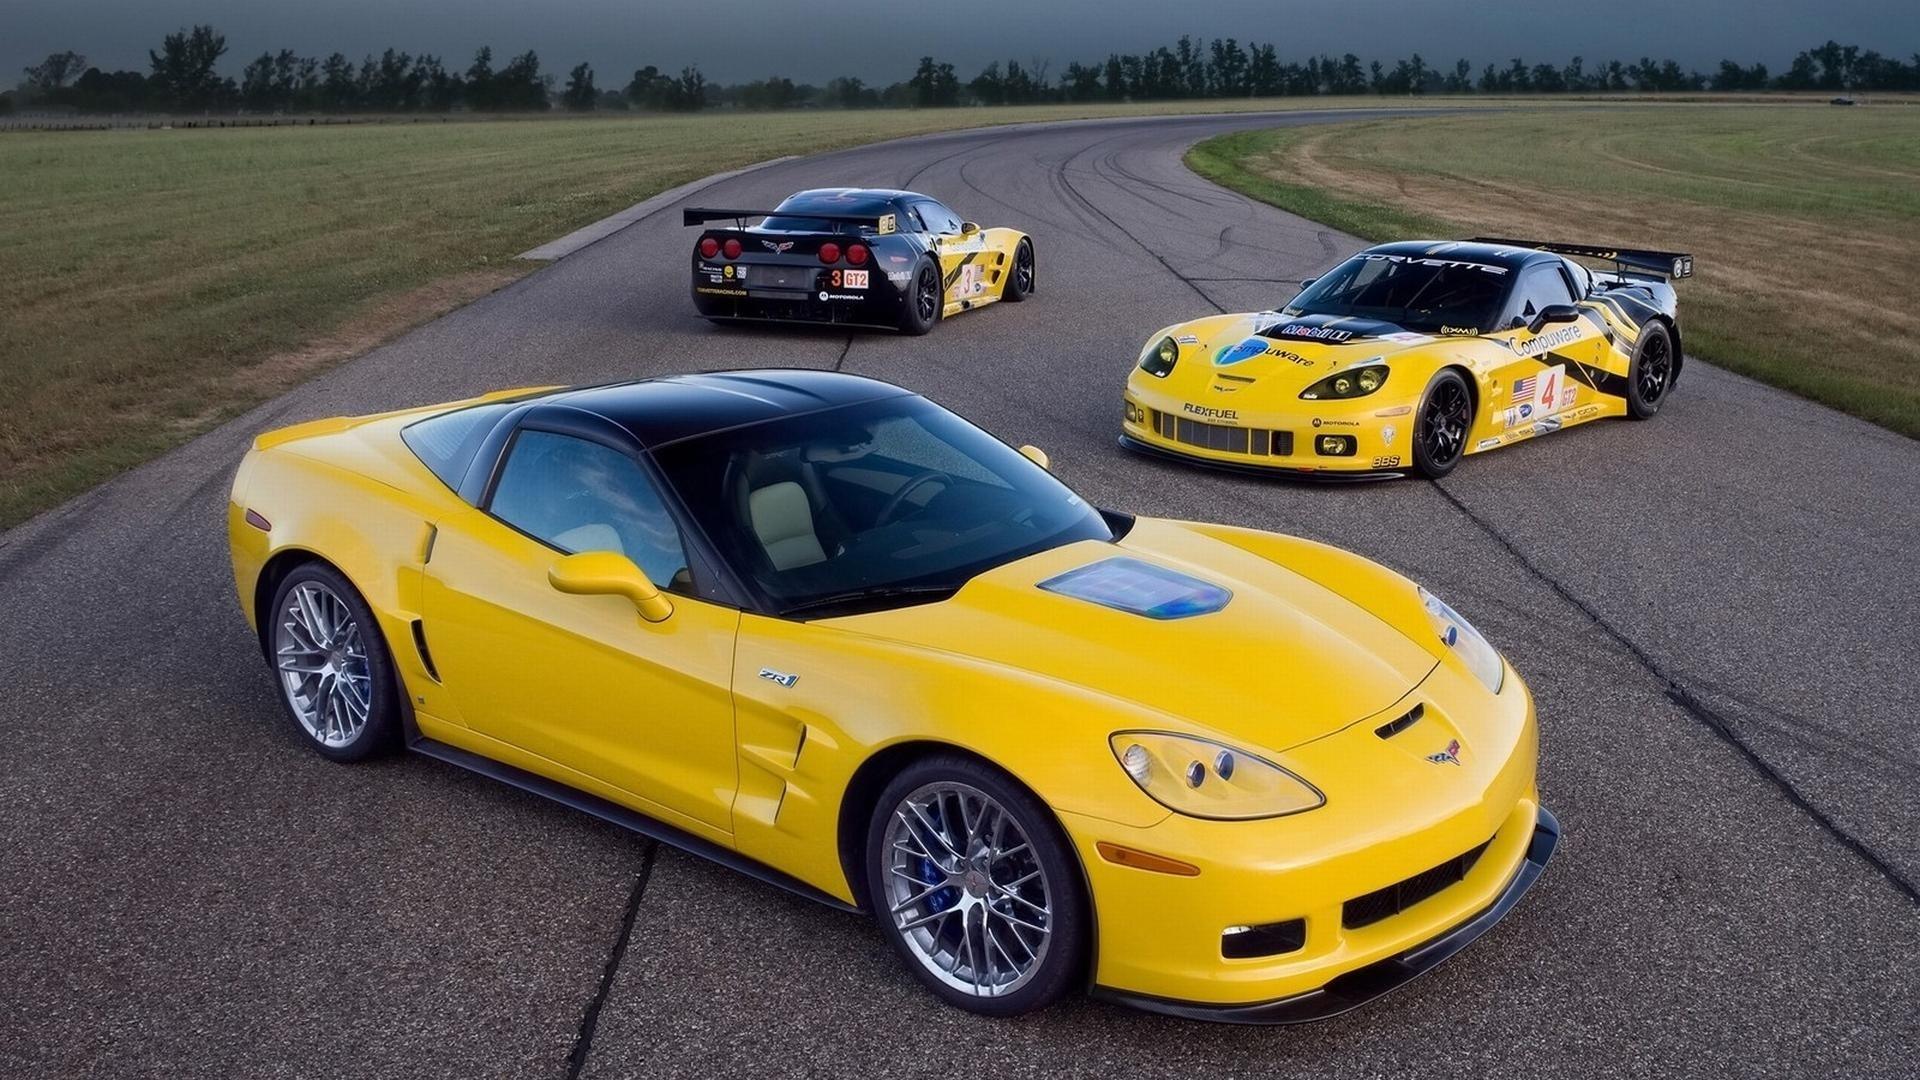 Corvette best background